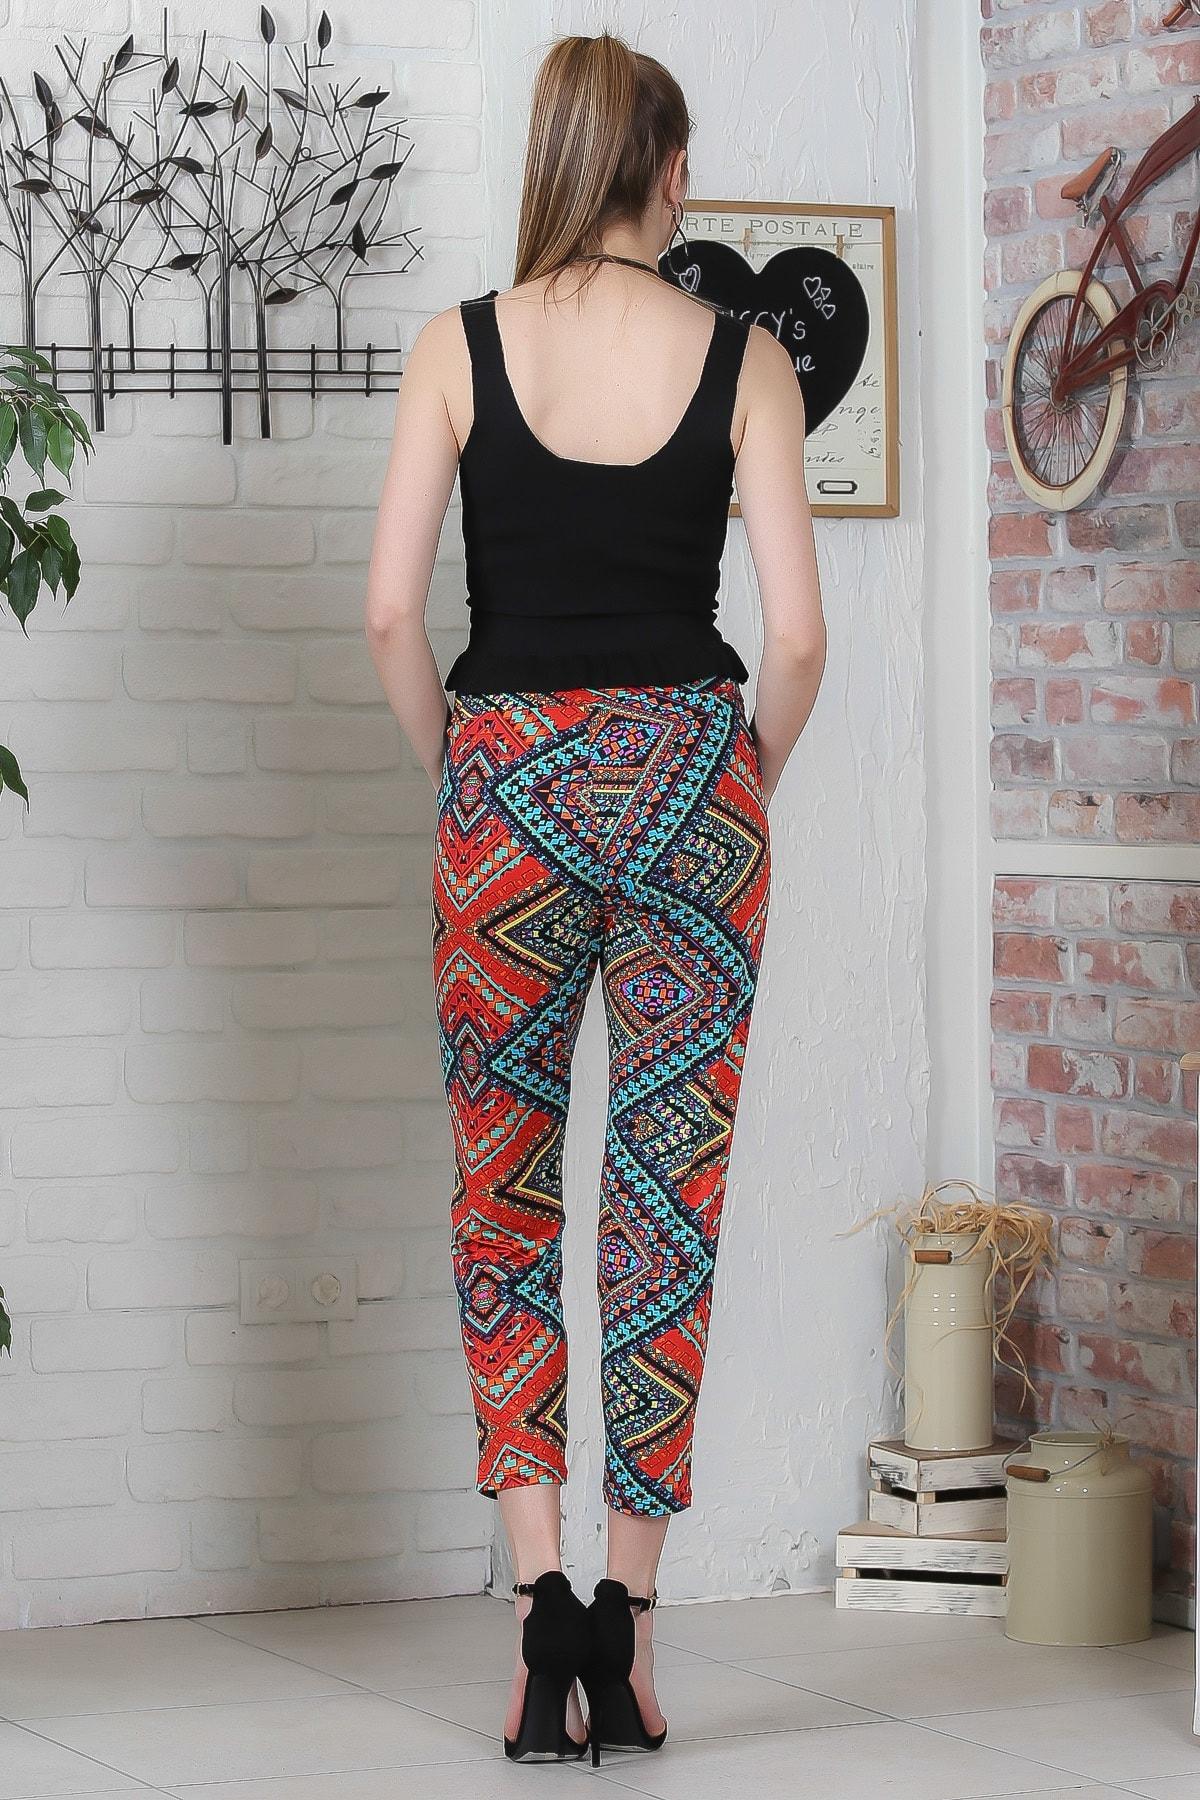 Chiccy Kadın Kırmızı-Siyah Kilim Desenli Bağlamalı Dar Paça Pantolon M10060000PN98923 4